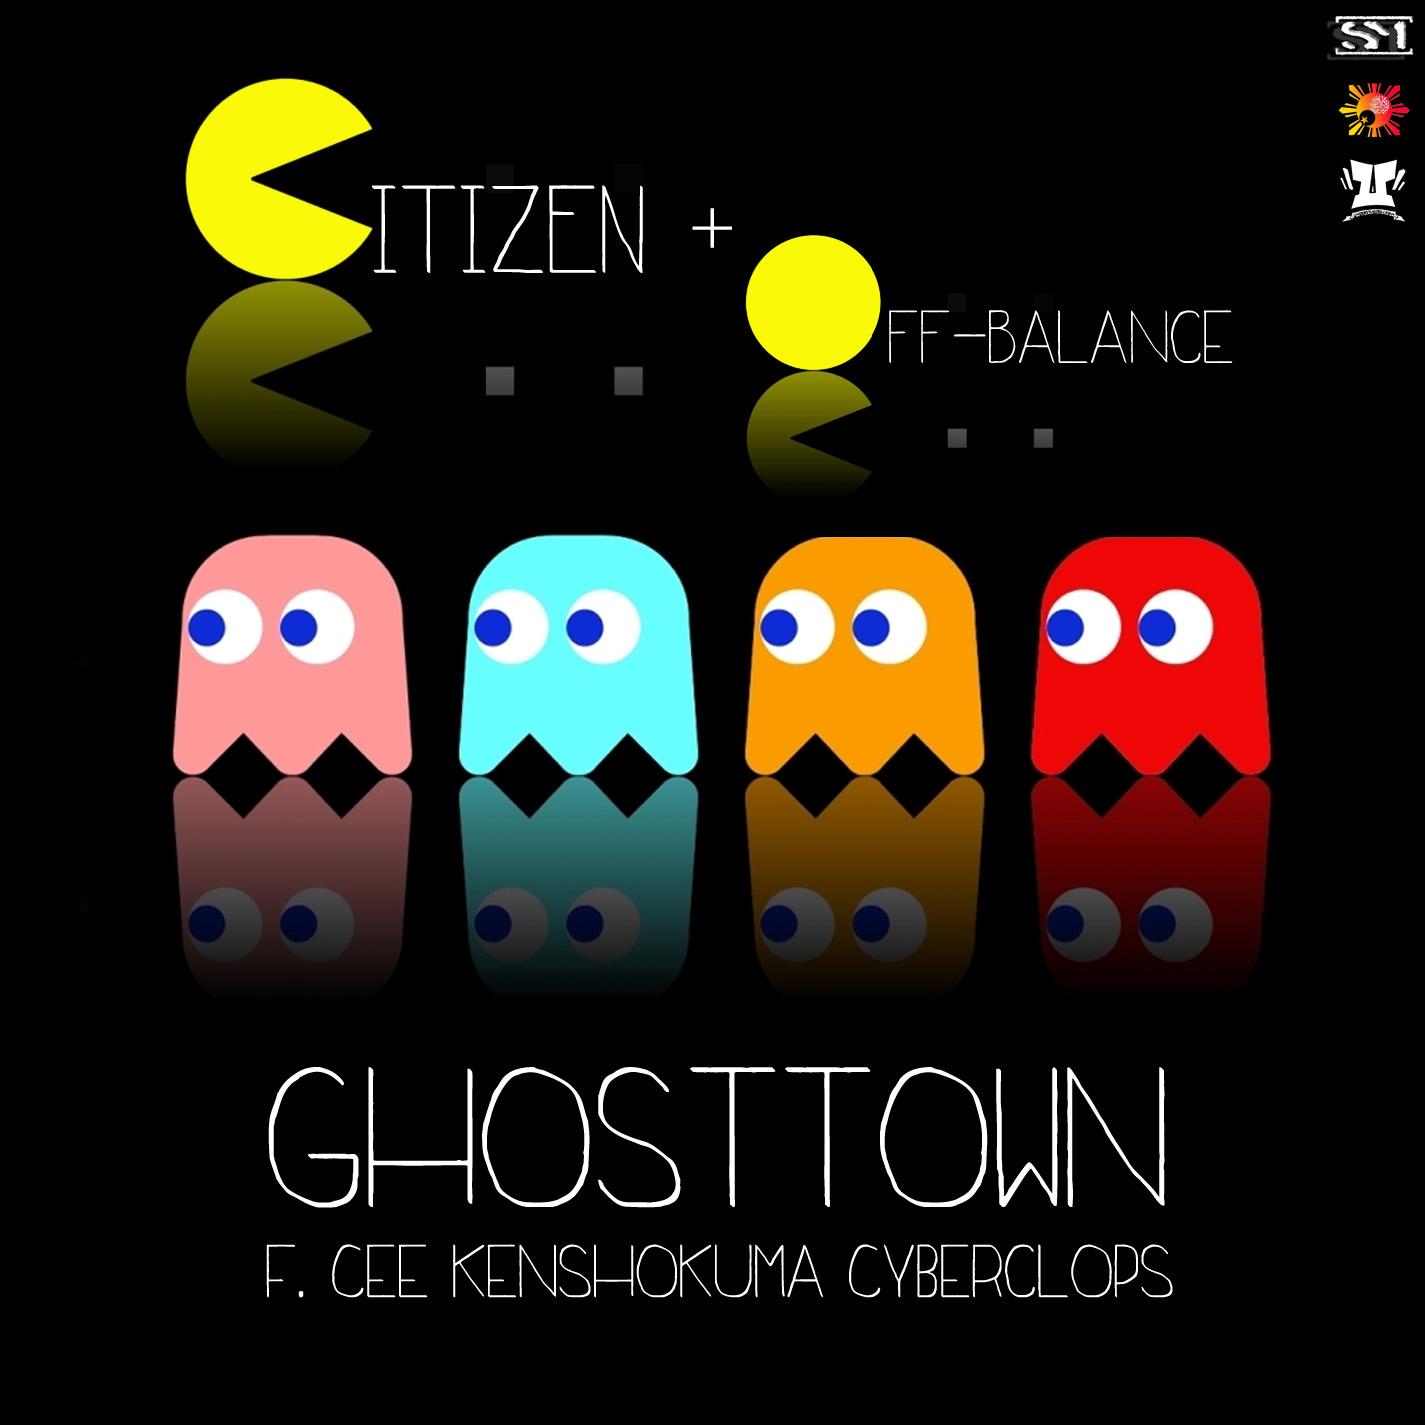 Citizen x Cee x Kensho Kuma x Cyberclops - Ghosttown